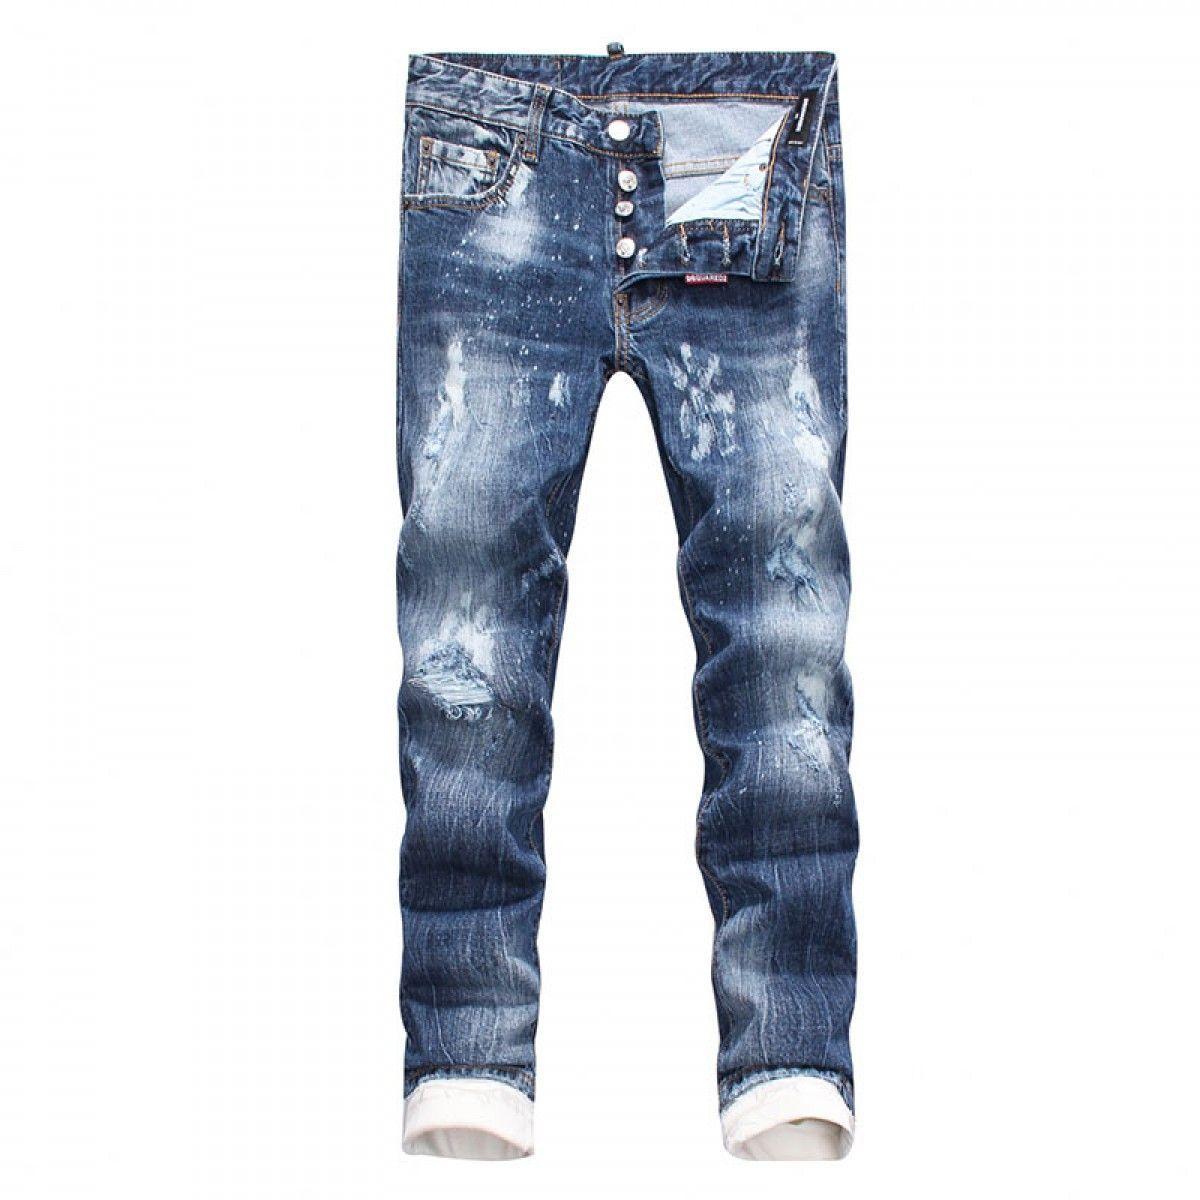 3c6d6ae236e Jeans Dsquared2 letras